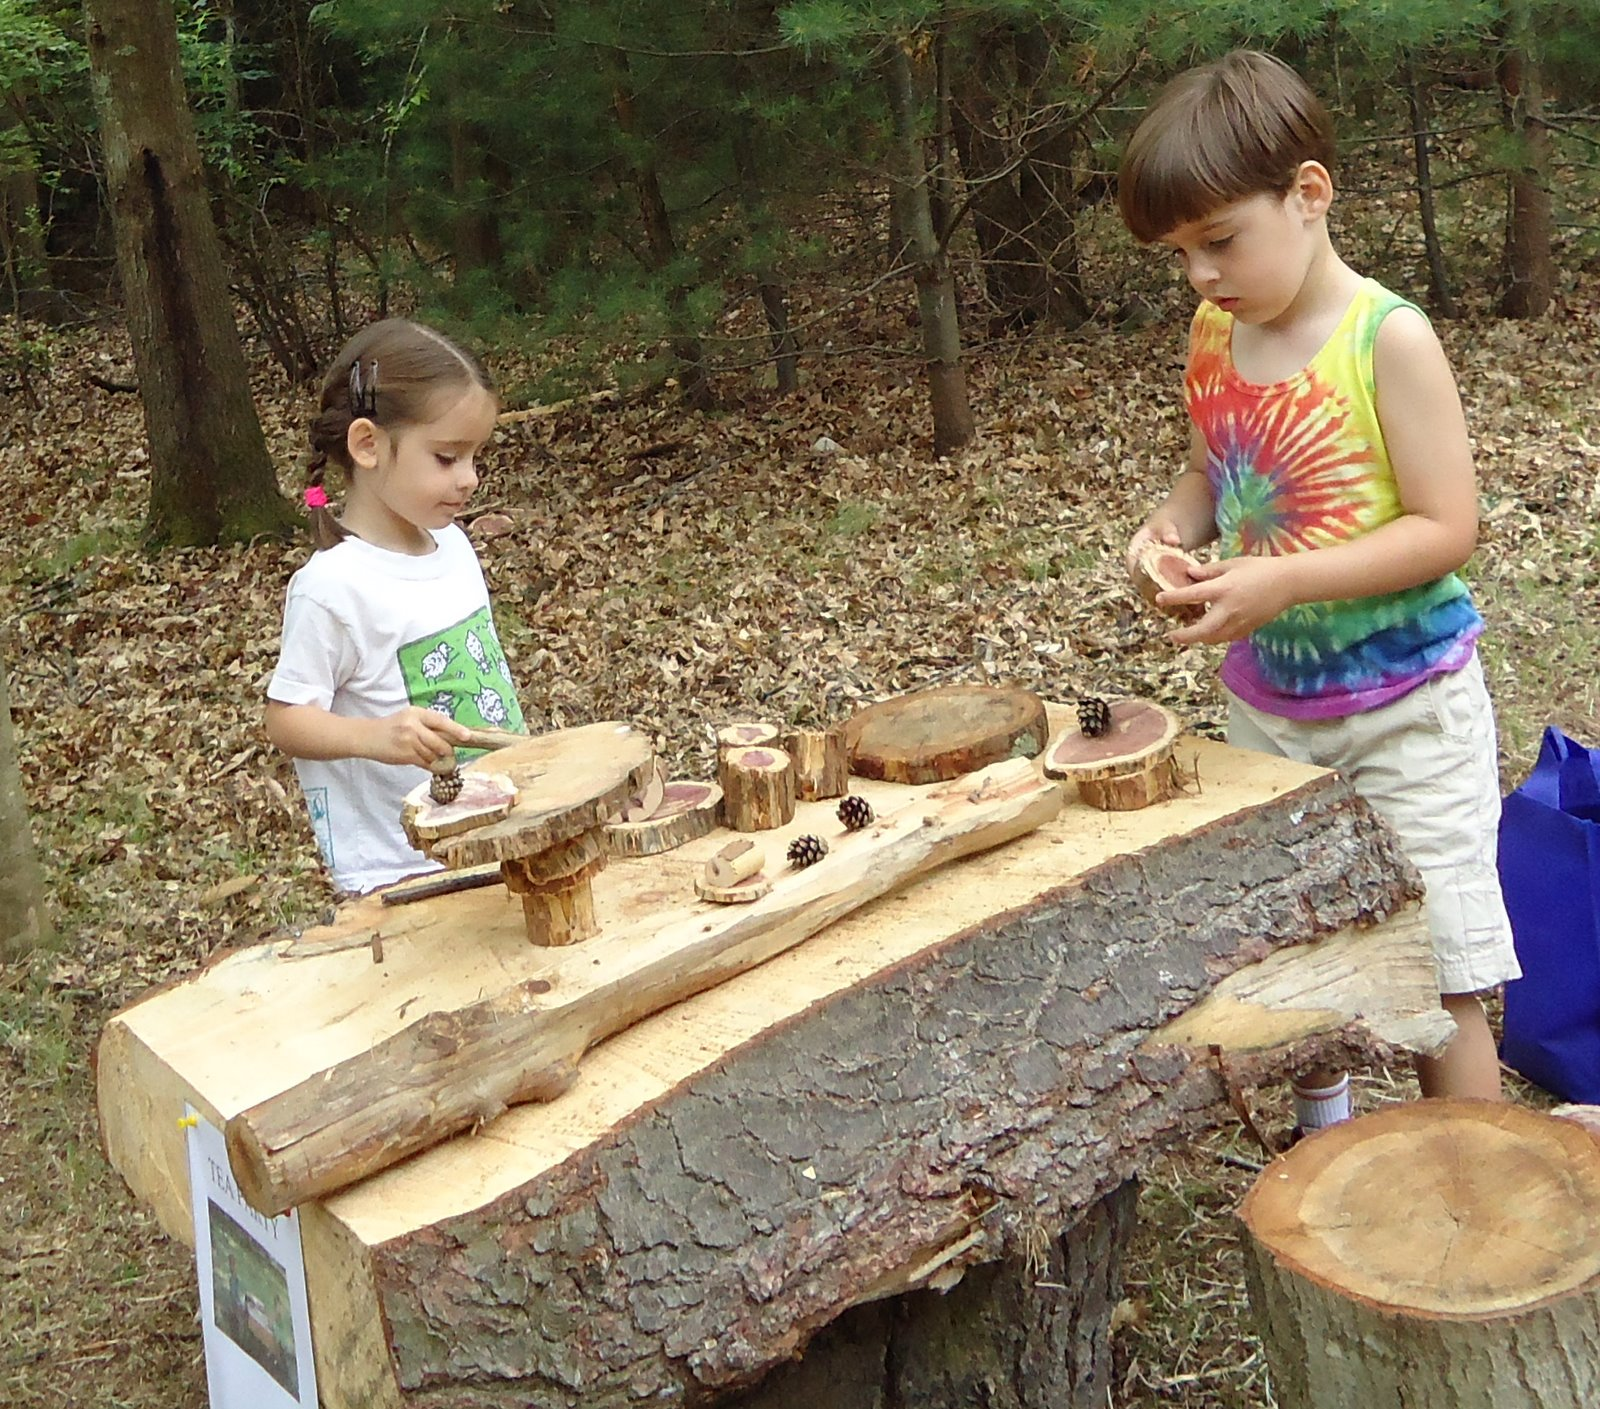 Little Kitchen Westport Ct: The Aspetuck Land Trust Blog: Schine Playspace: Opening Day